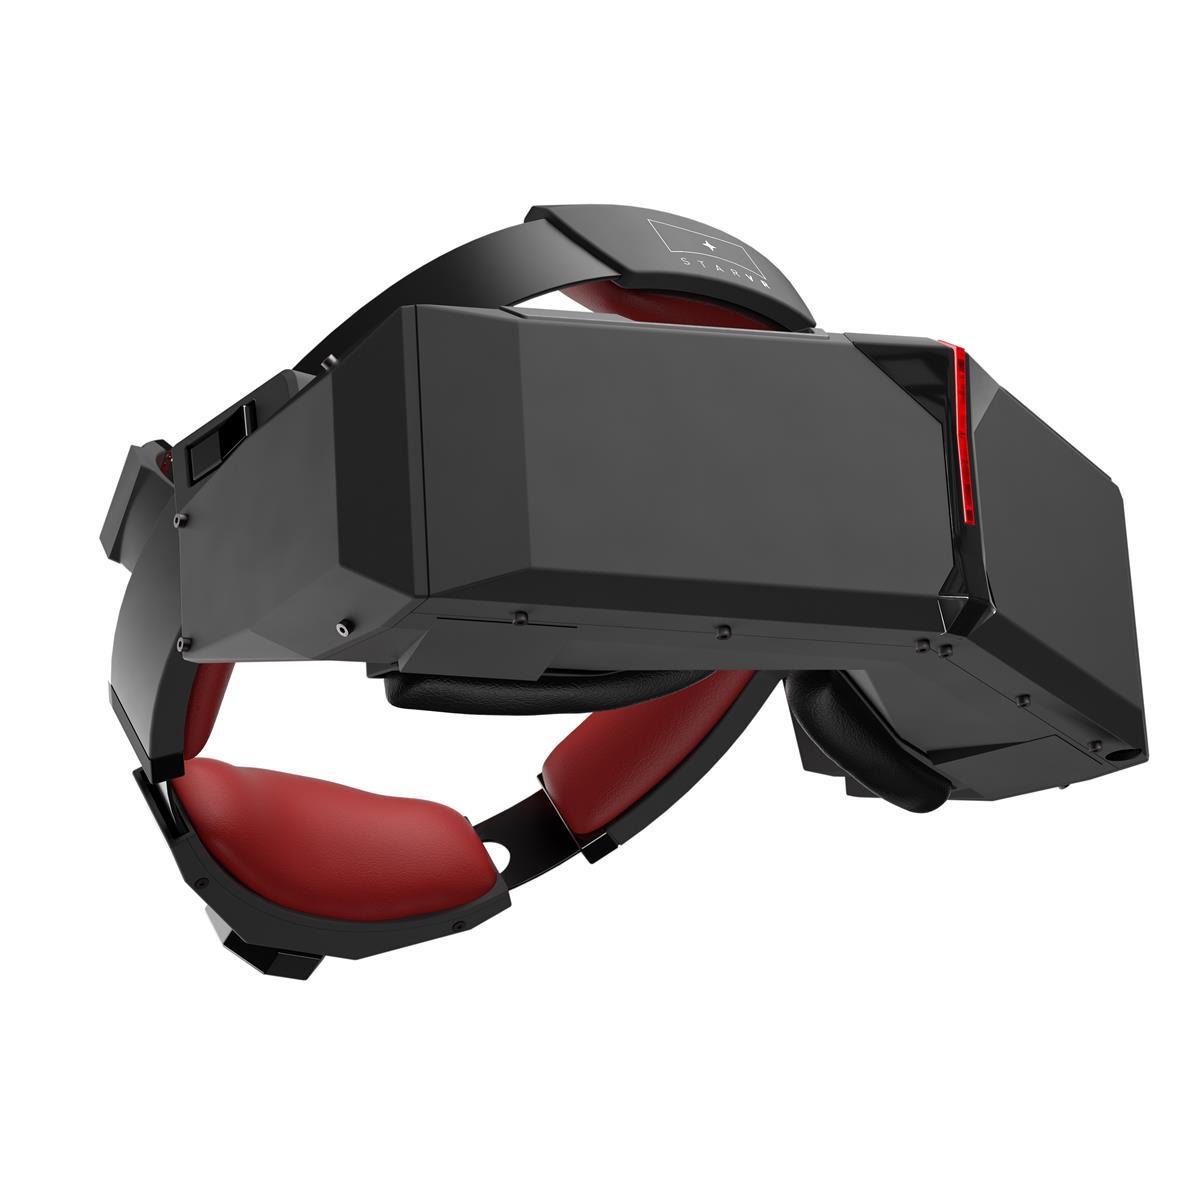 Nový headset pro virtuální realitu pochází od Starbreeze 110183